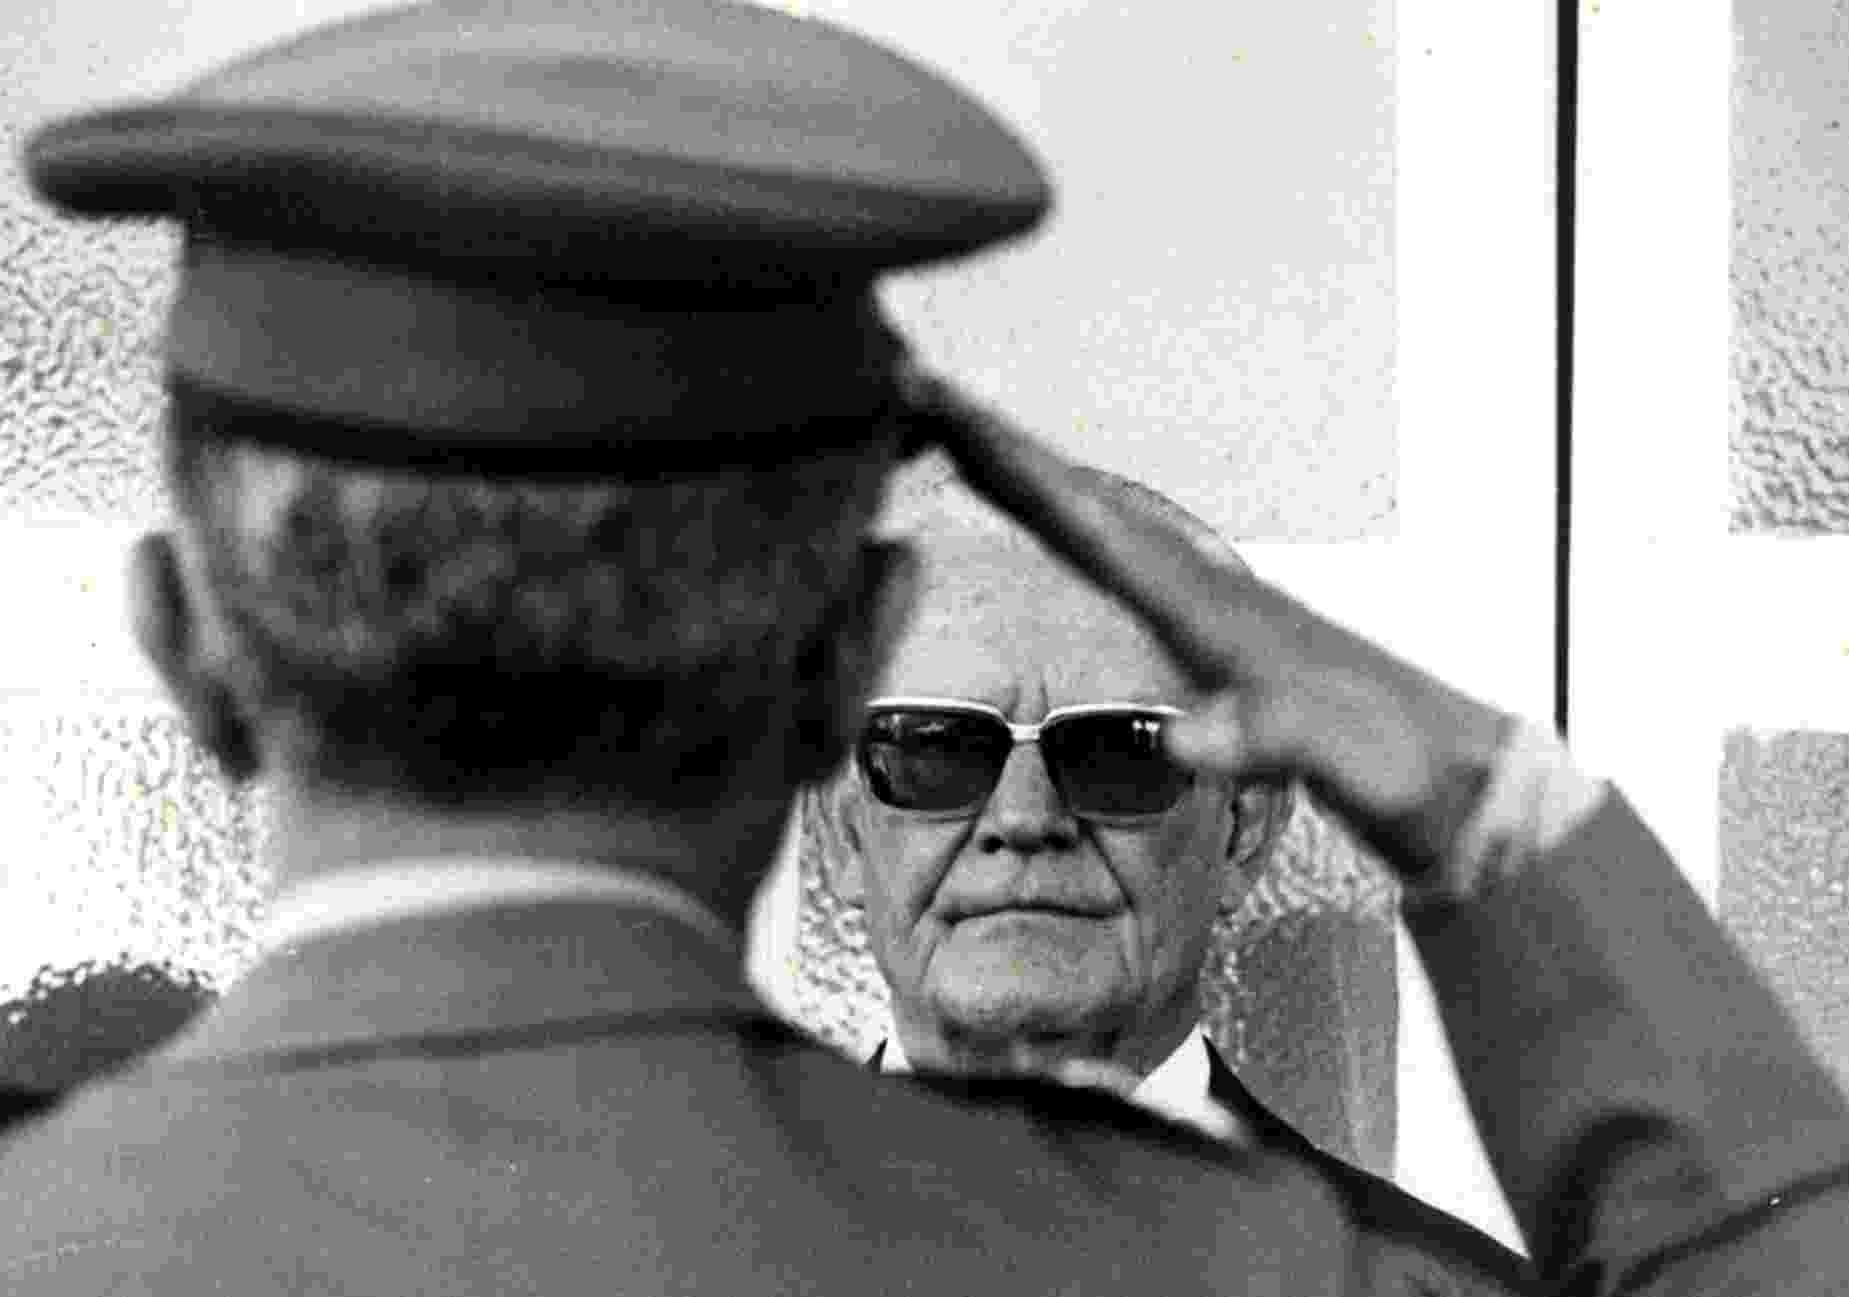 O general e presidente do Brasil Ernesto Geisel recebe cumprimentos em forma de continência de militar - Manoel Pires/Folhapress